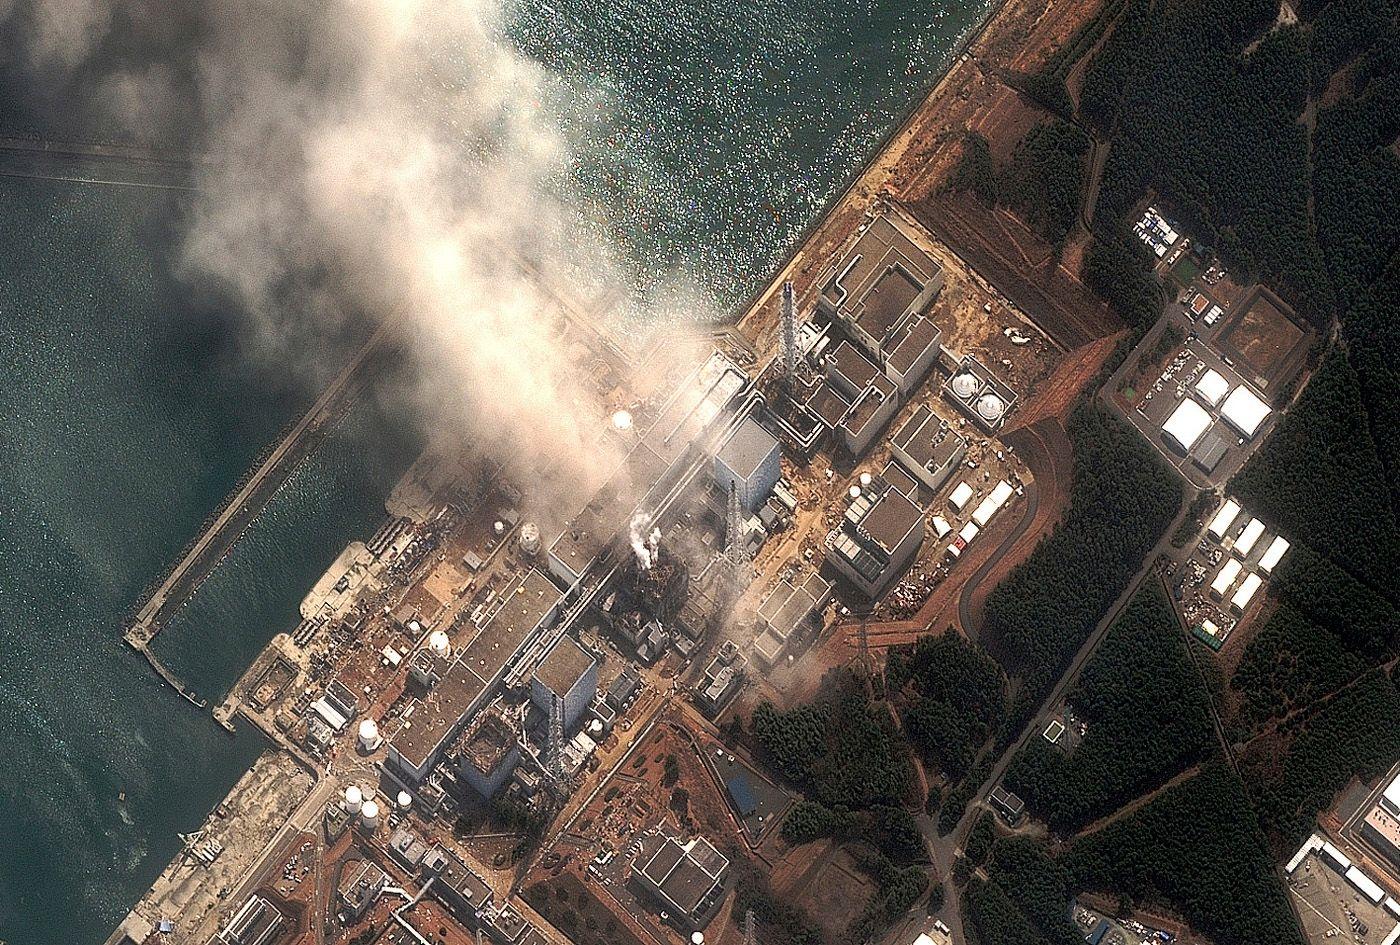 """""""Le 11 mars 2011, à 14h46, le nord-est du Japon est frappé par un puissant séisme de magnitude 9. Il est suivi d'un tsunami dévastateur, qui emporte tout sur son passage et provoque la pire crise nucléaire depuis Tchernobyl en 1986. Trois des réacteurs de"""